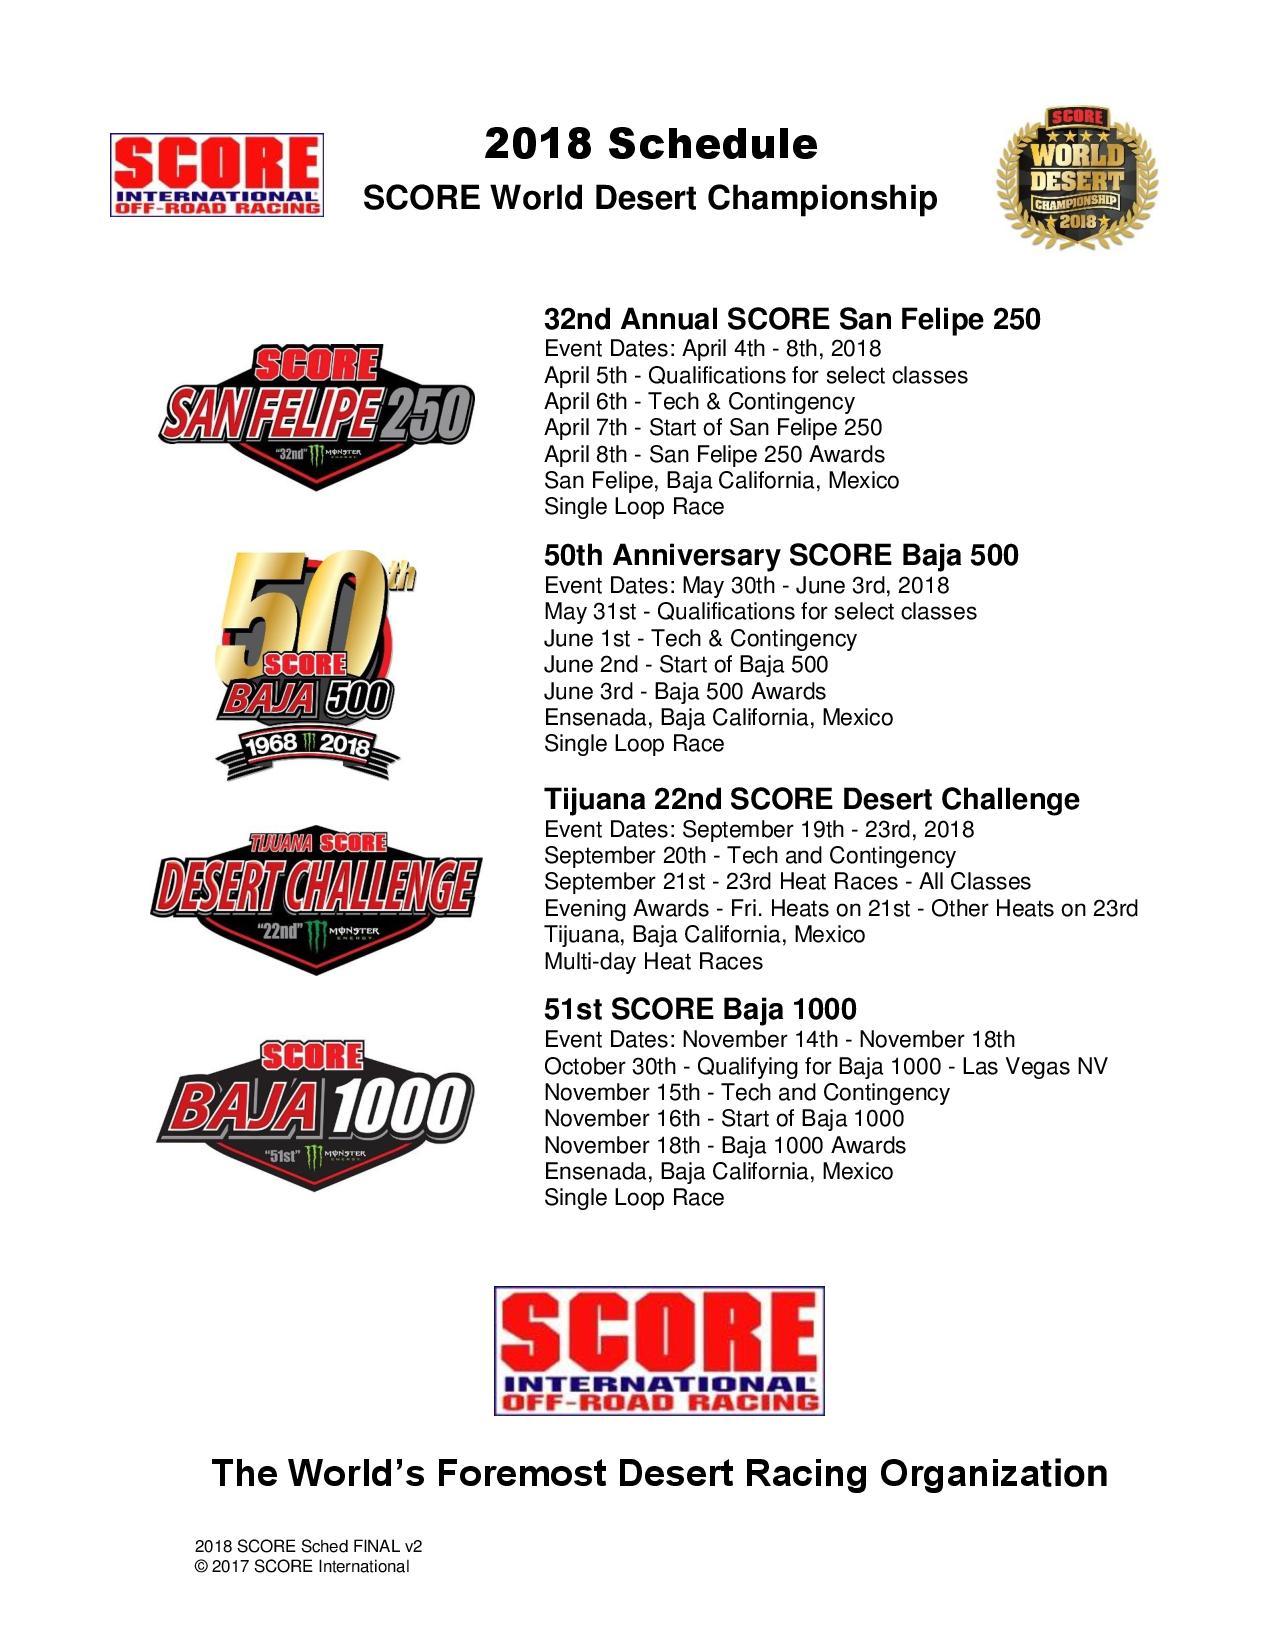 SCORE World Desert Championship 2018 Schedule